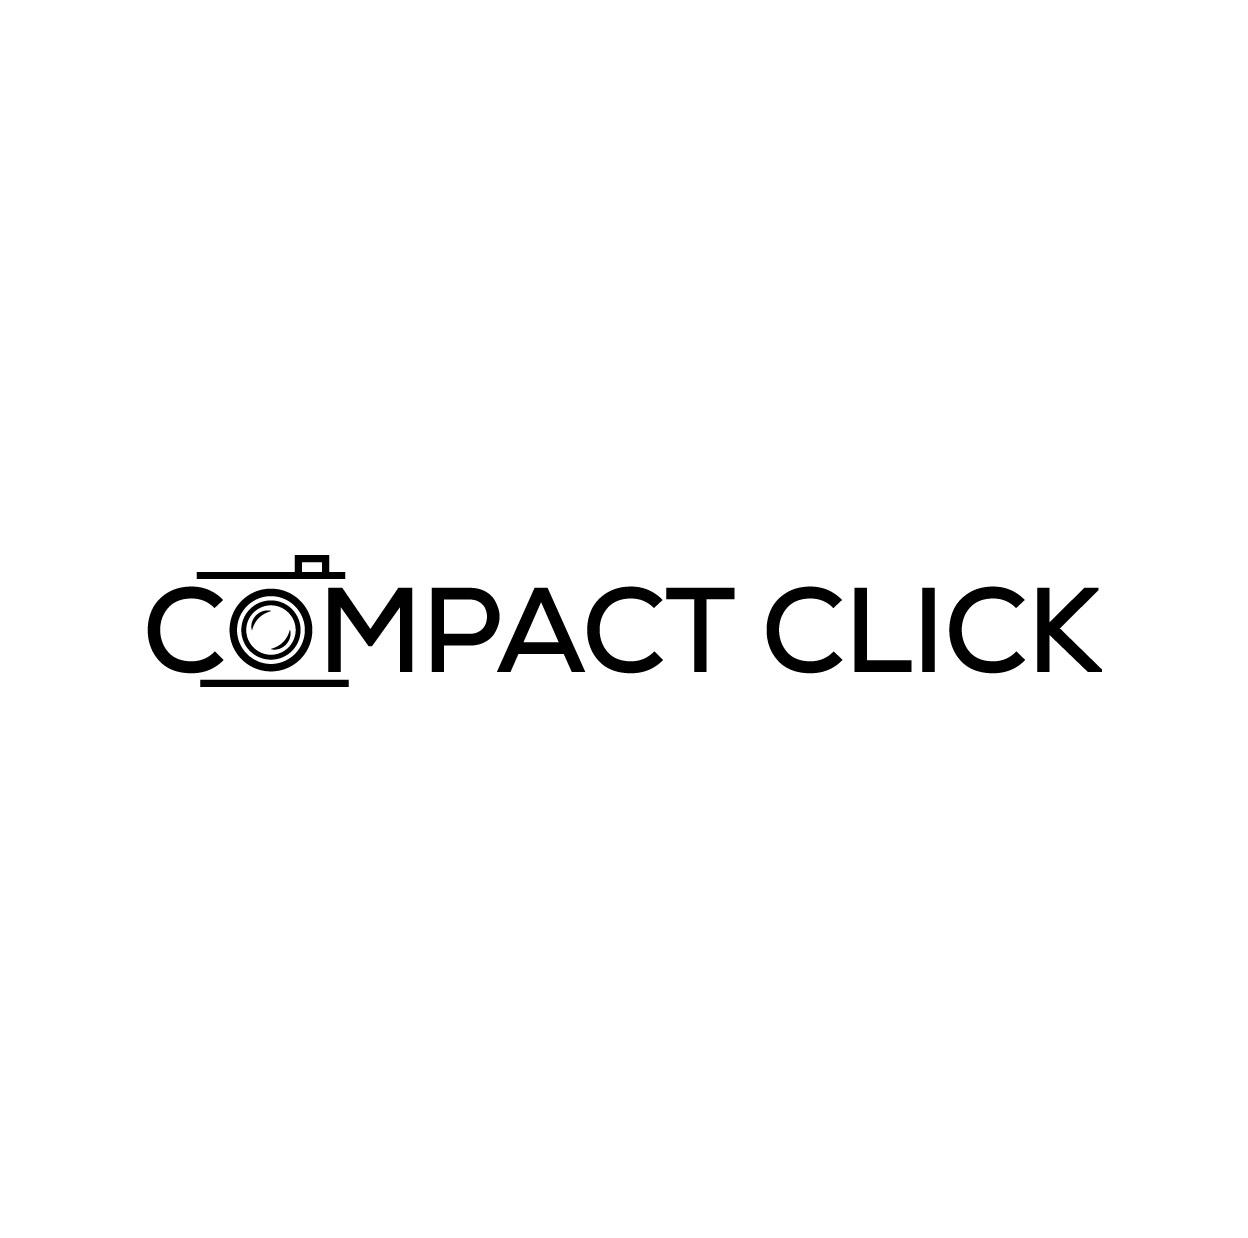 Compact Click